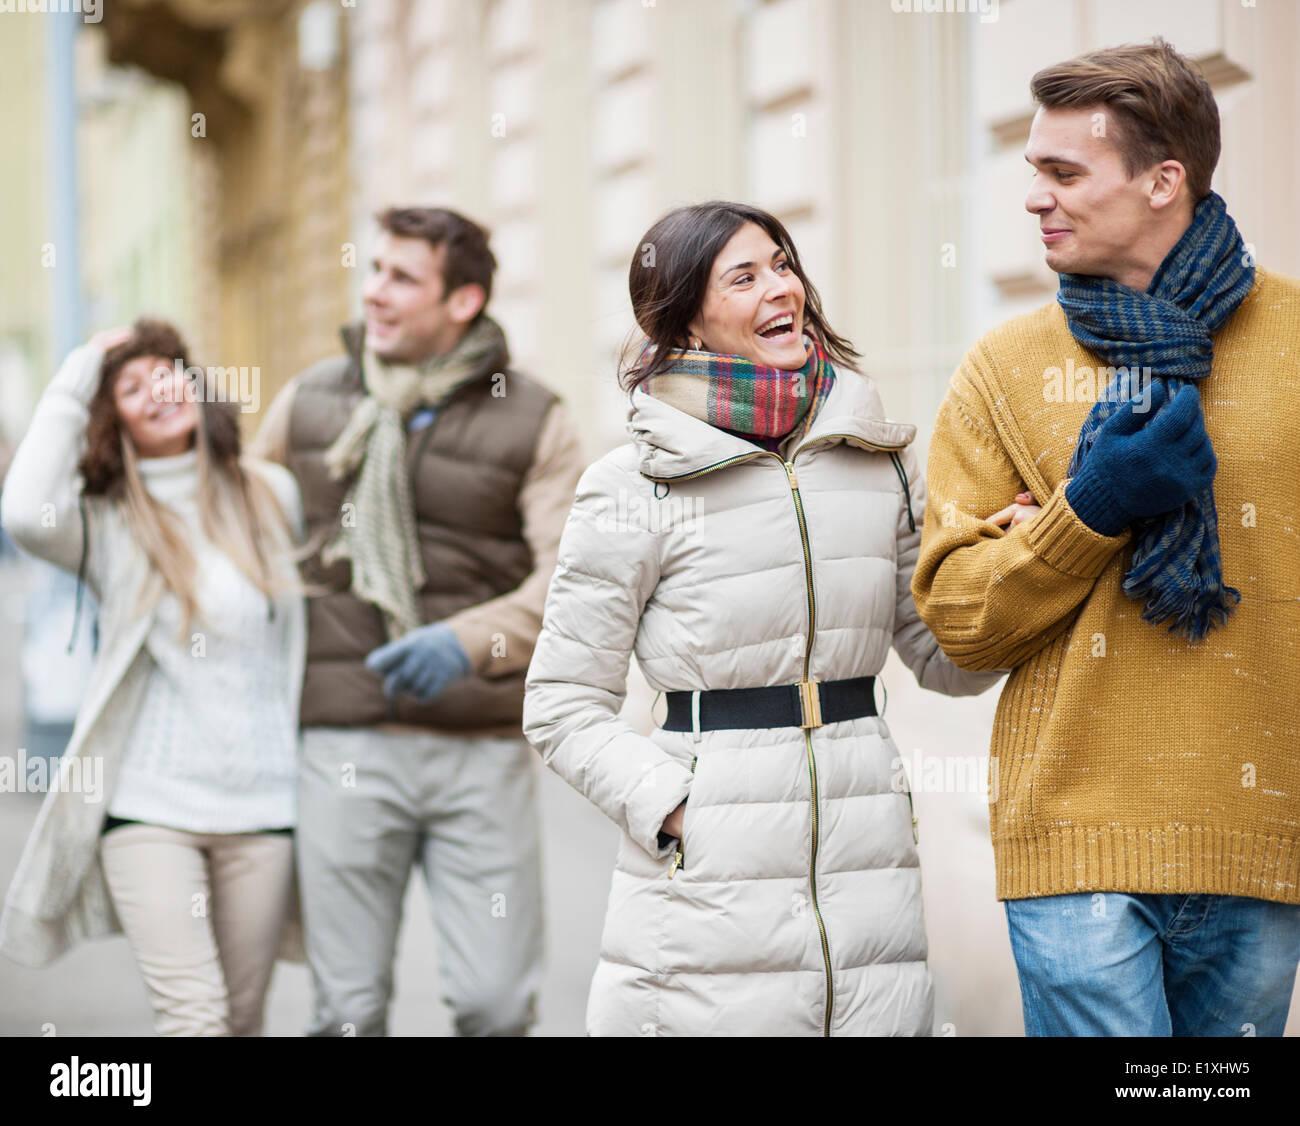 Glückliche Paare in warme Kleidung Urlaub genießen Stockbild